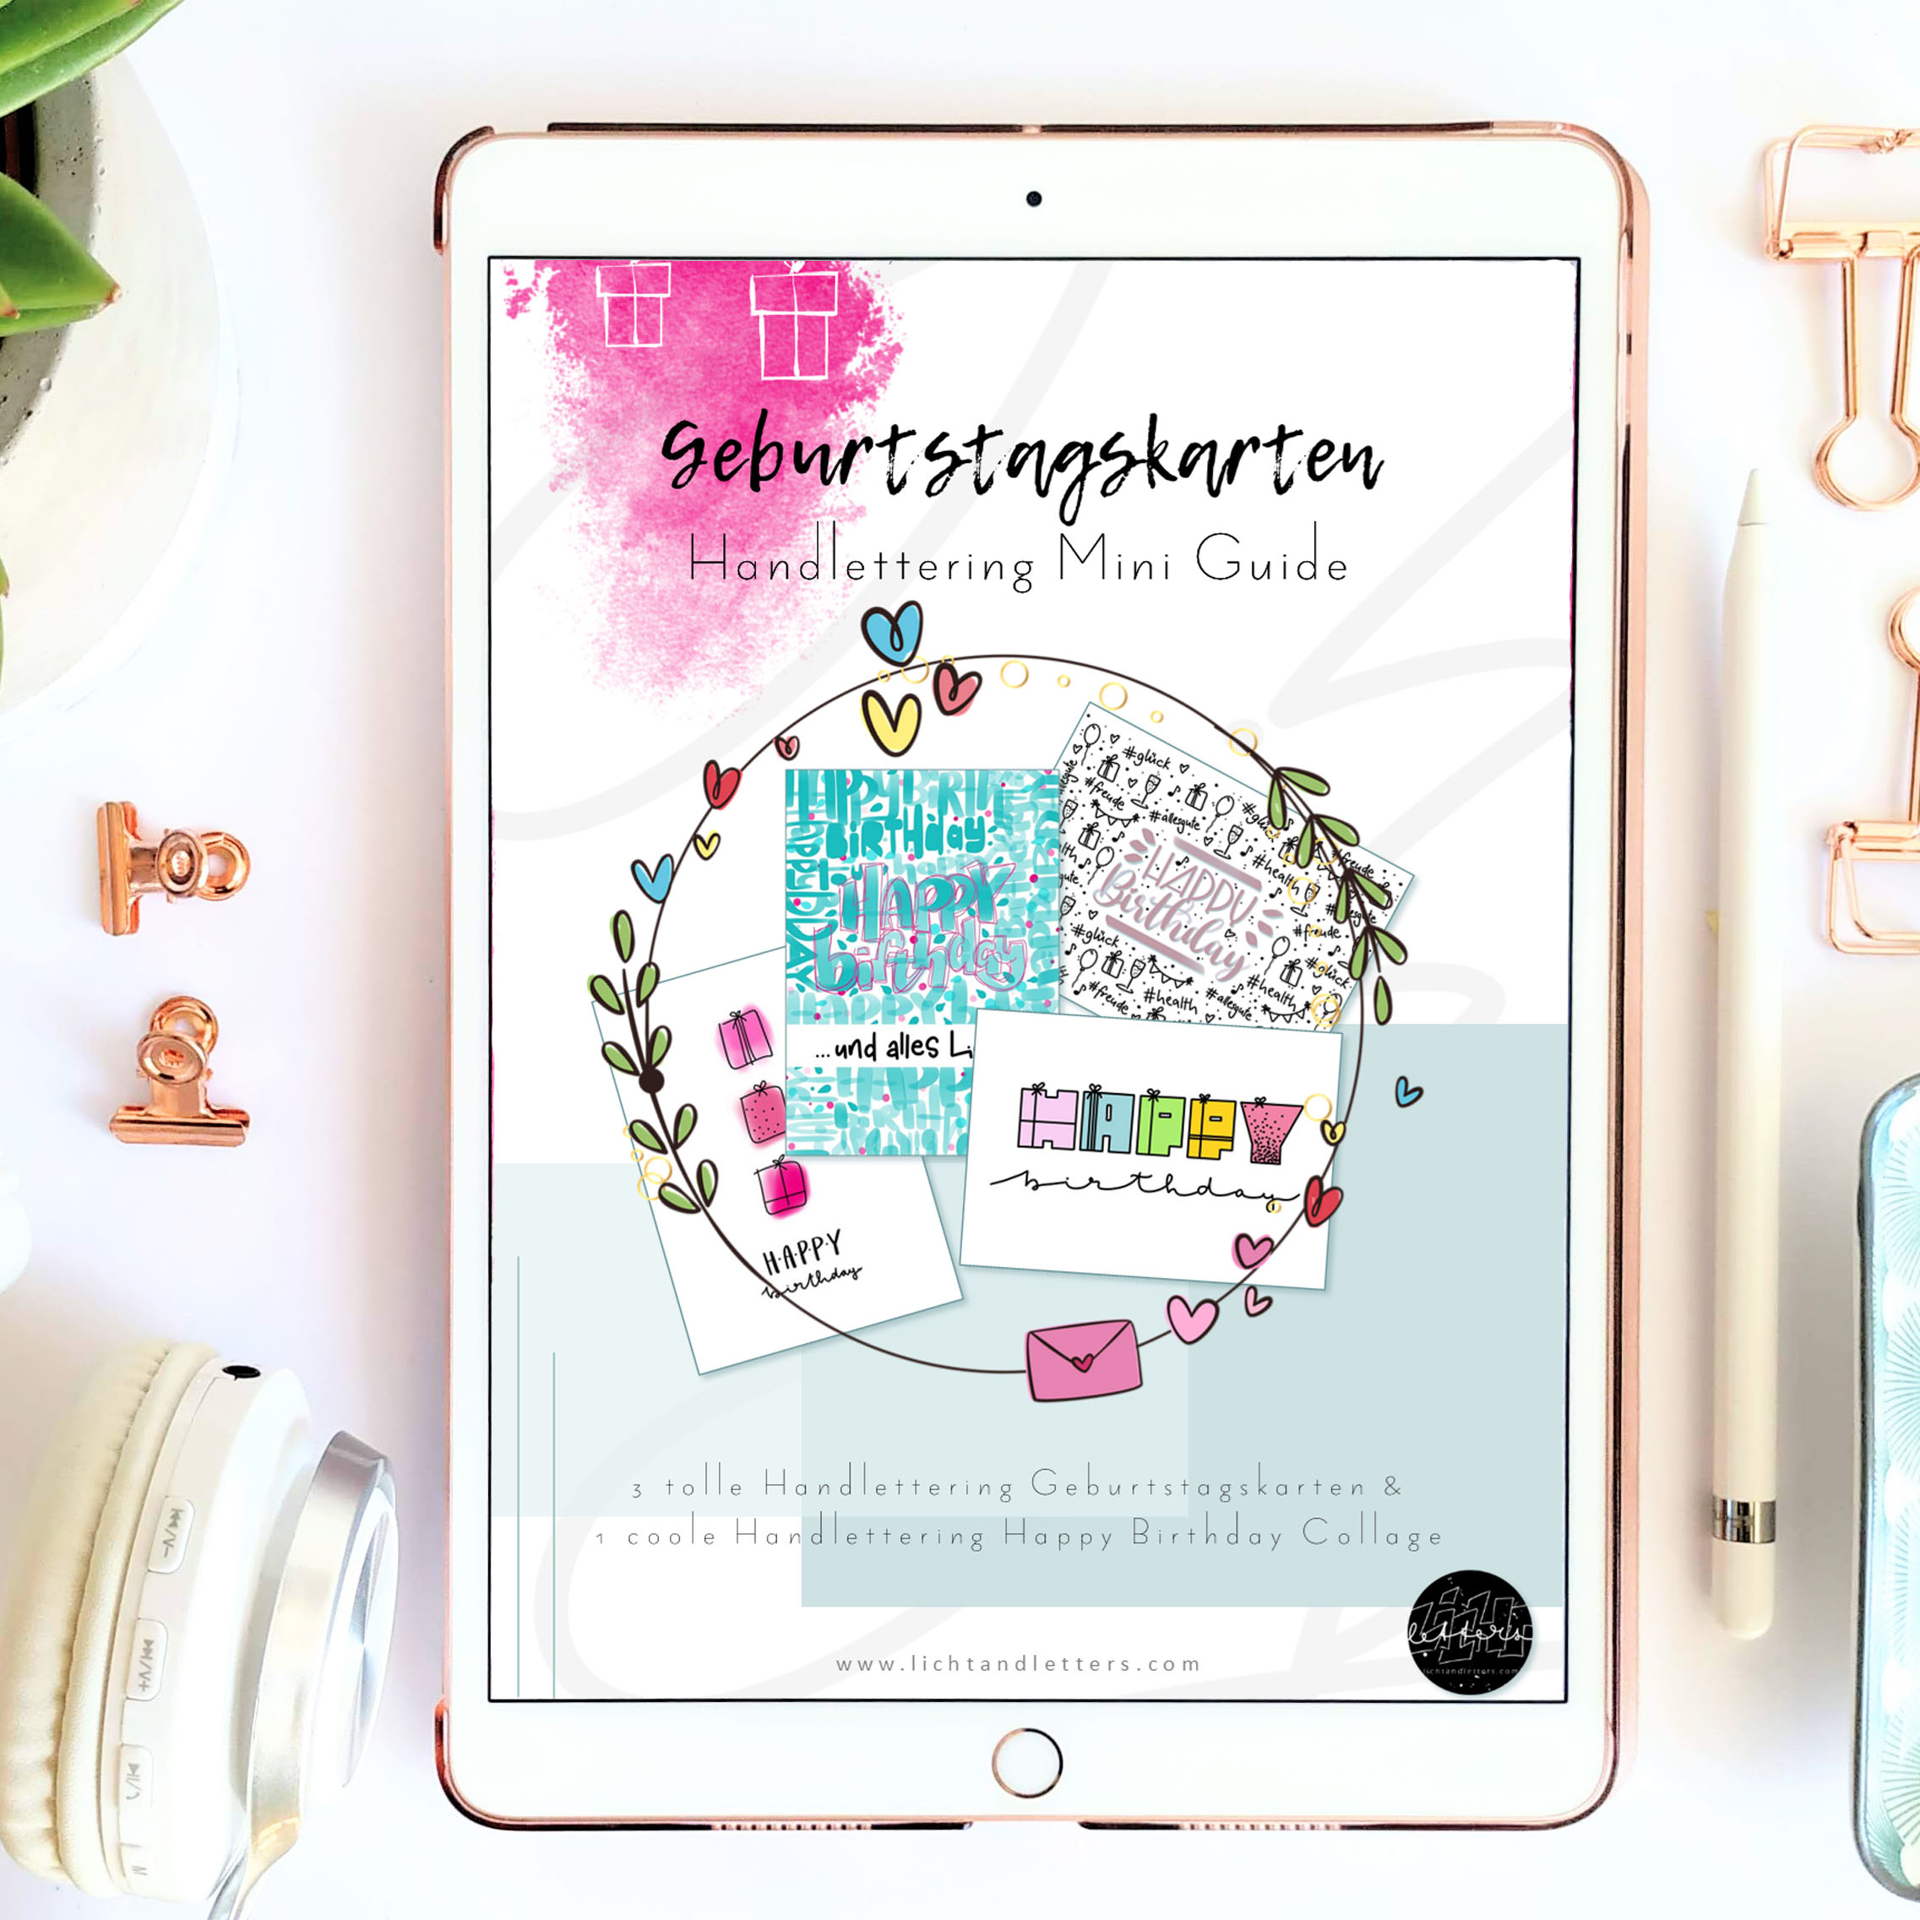 Ipad mit gratis Handlettering Guide über Geburtstagskarten und Happy Birthday Handlettering